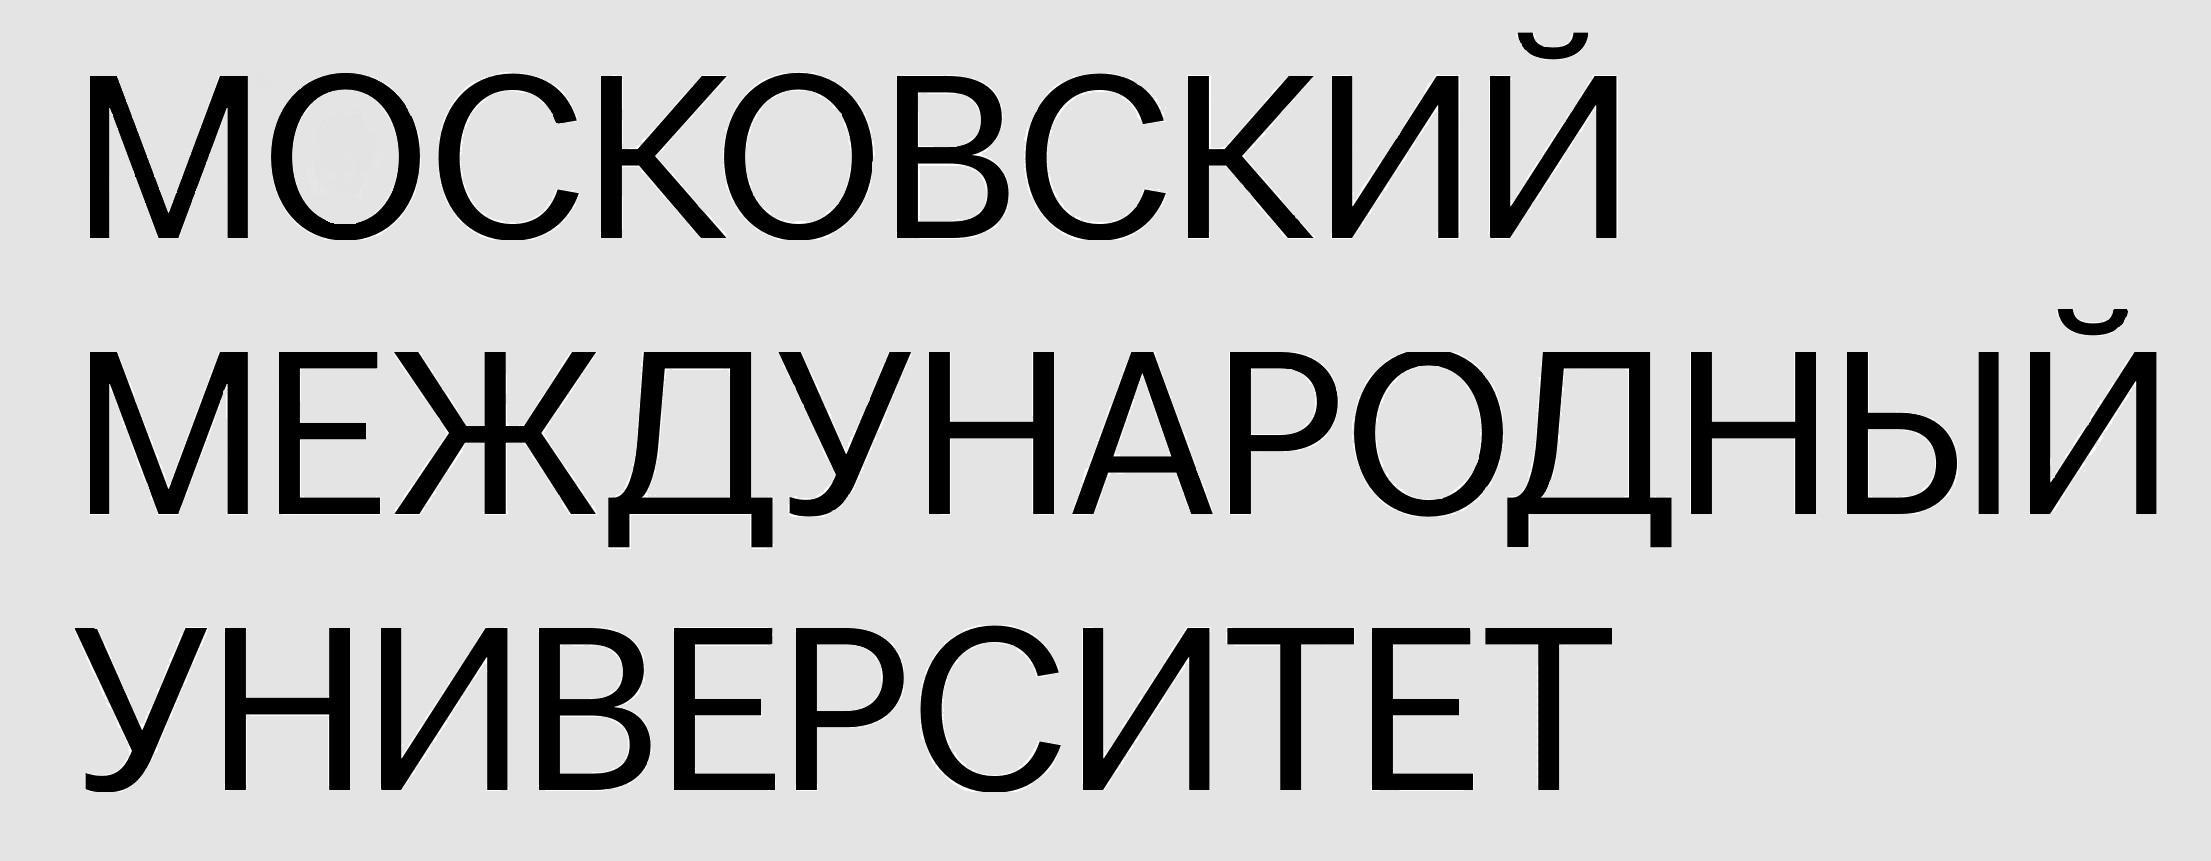 Высшее образование дистанционно в Екатеринбурге. Московский международный университет